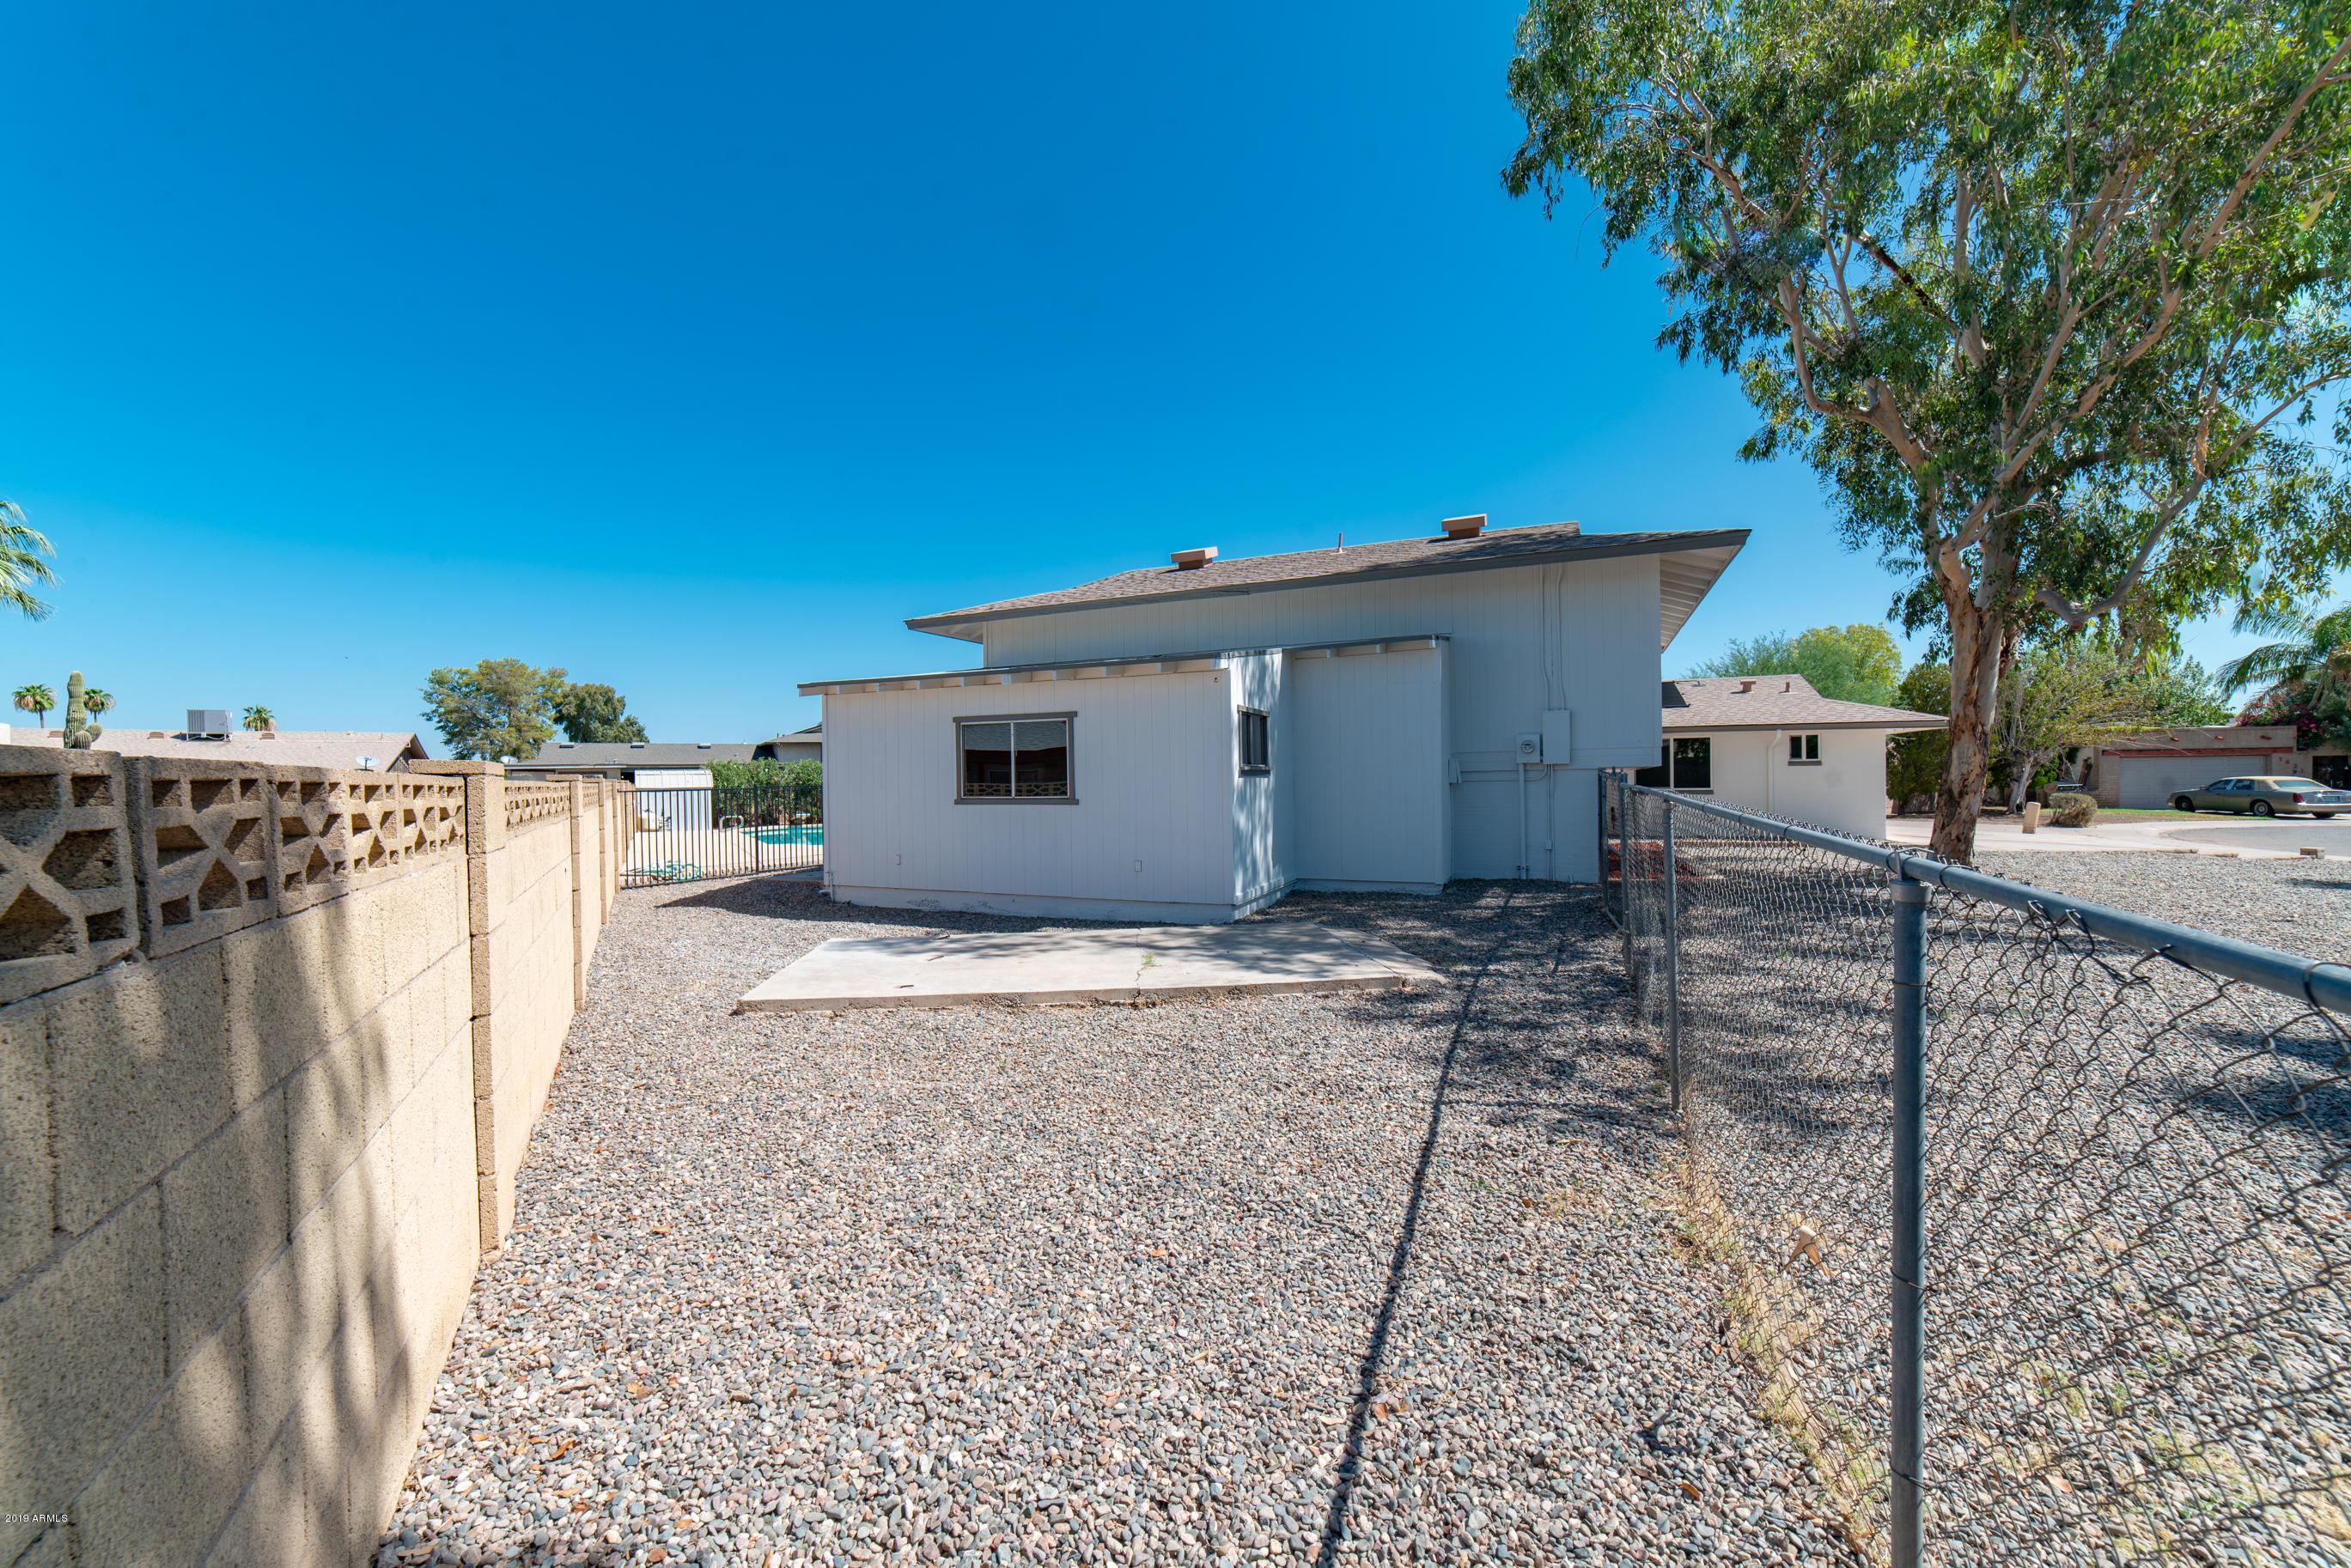 MLS 5972620 7622 N 47TH Drive, Glendale, AZ 85301 Glendale AZ Eco-Friendly